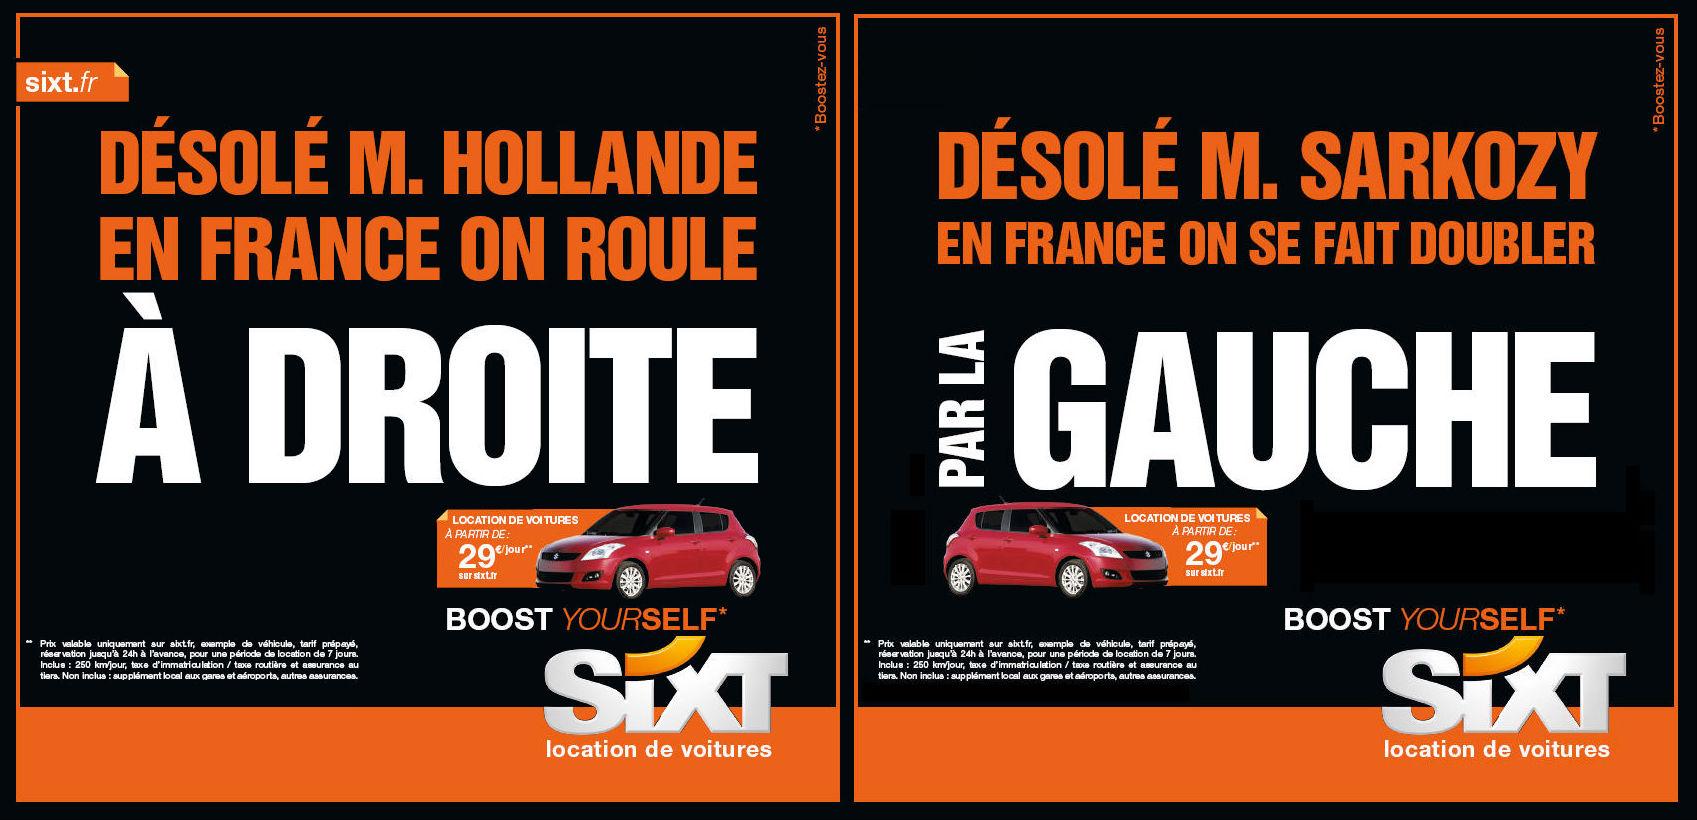 Sixt location de voitures Boost yourself presidentielles 11 Sixt, le candidat outsider des présidentielles